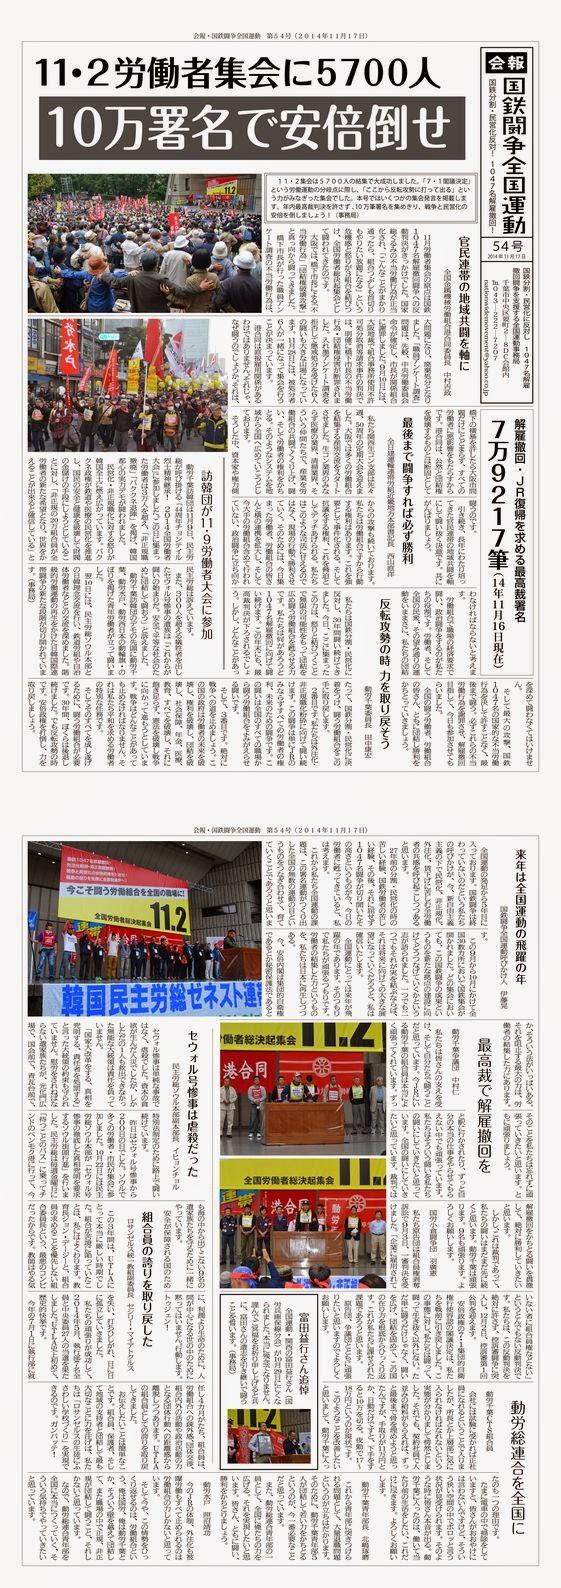 http://www.doro-chiba.org/z-undou/pdf/news_54.pdf